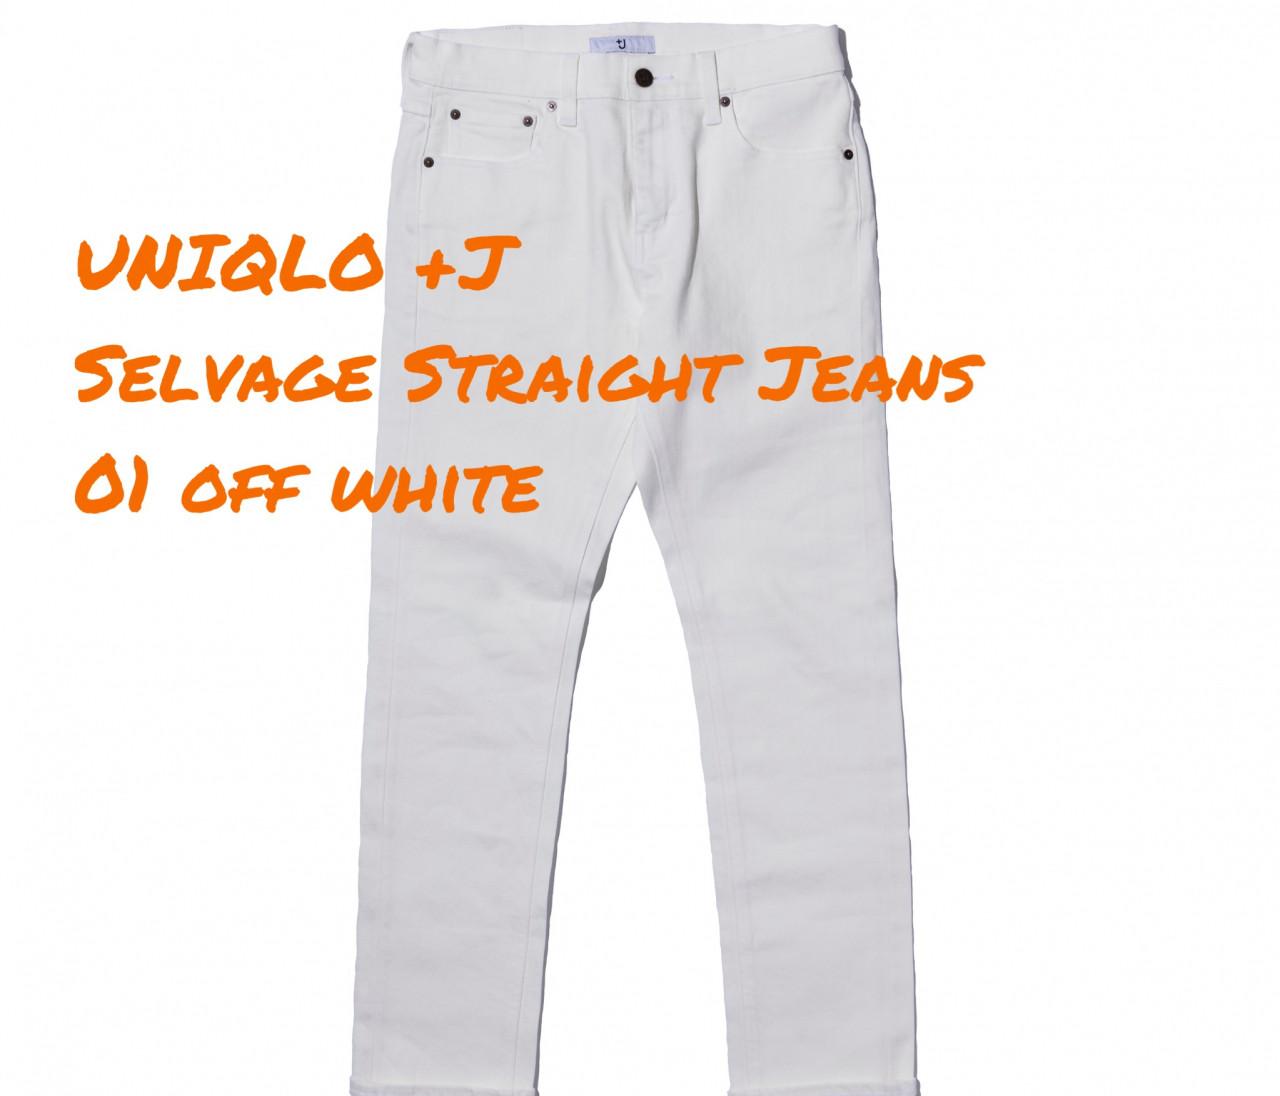 【ユニクロ+J】「セルビッジストレートジーンズ」オフホワイト、買ってよかった!魅力解剖&着回し、おすすめコスメまで全部入り【30代に幸せをくれるものvol.1】